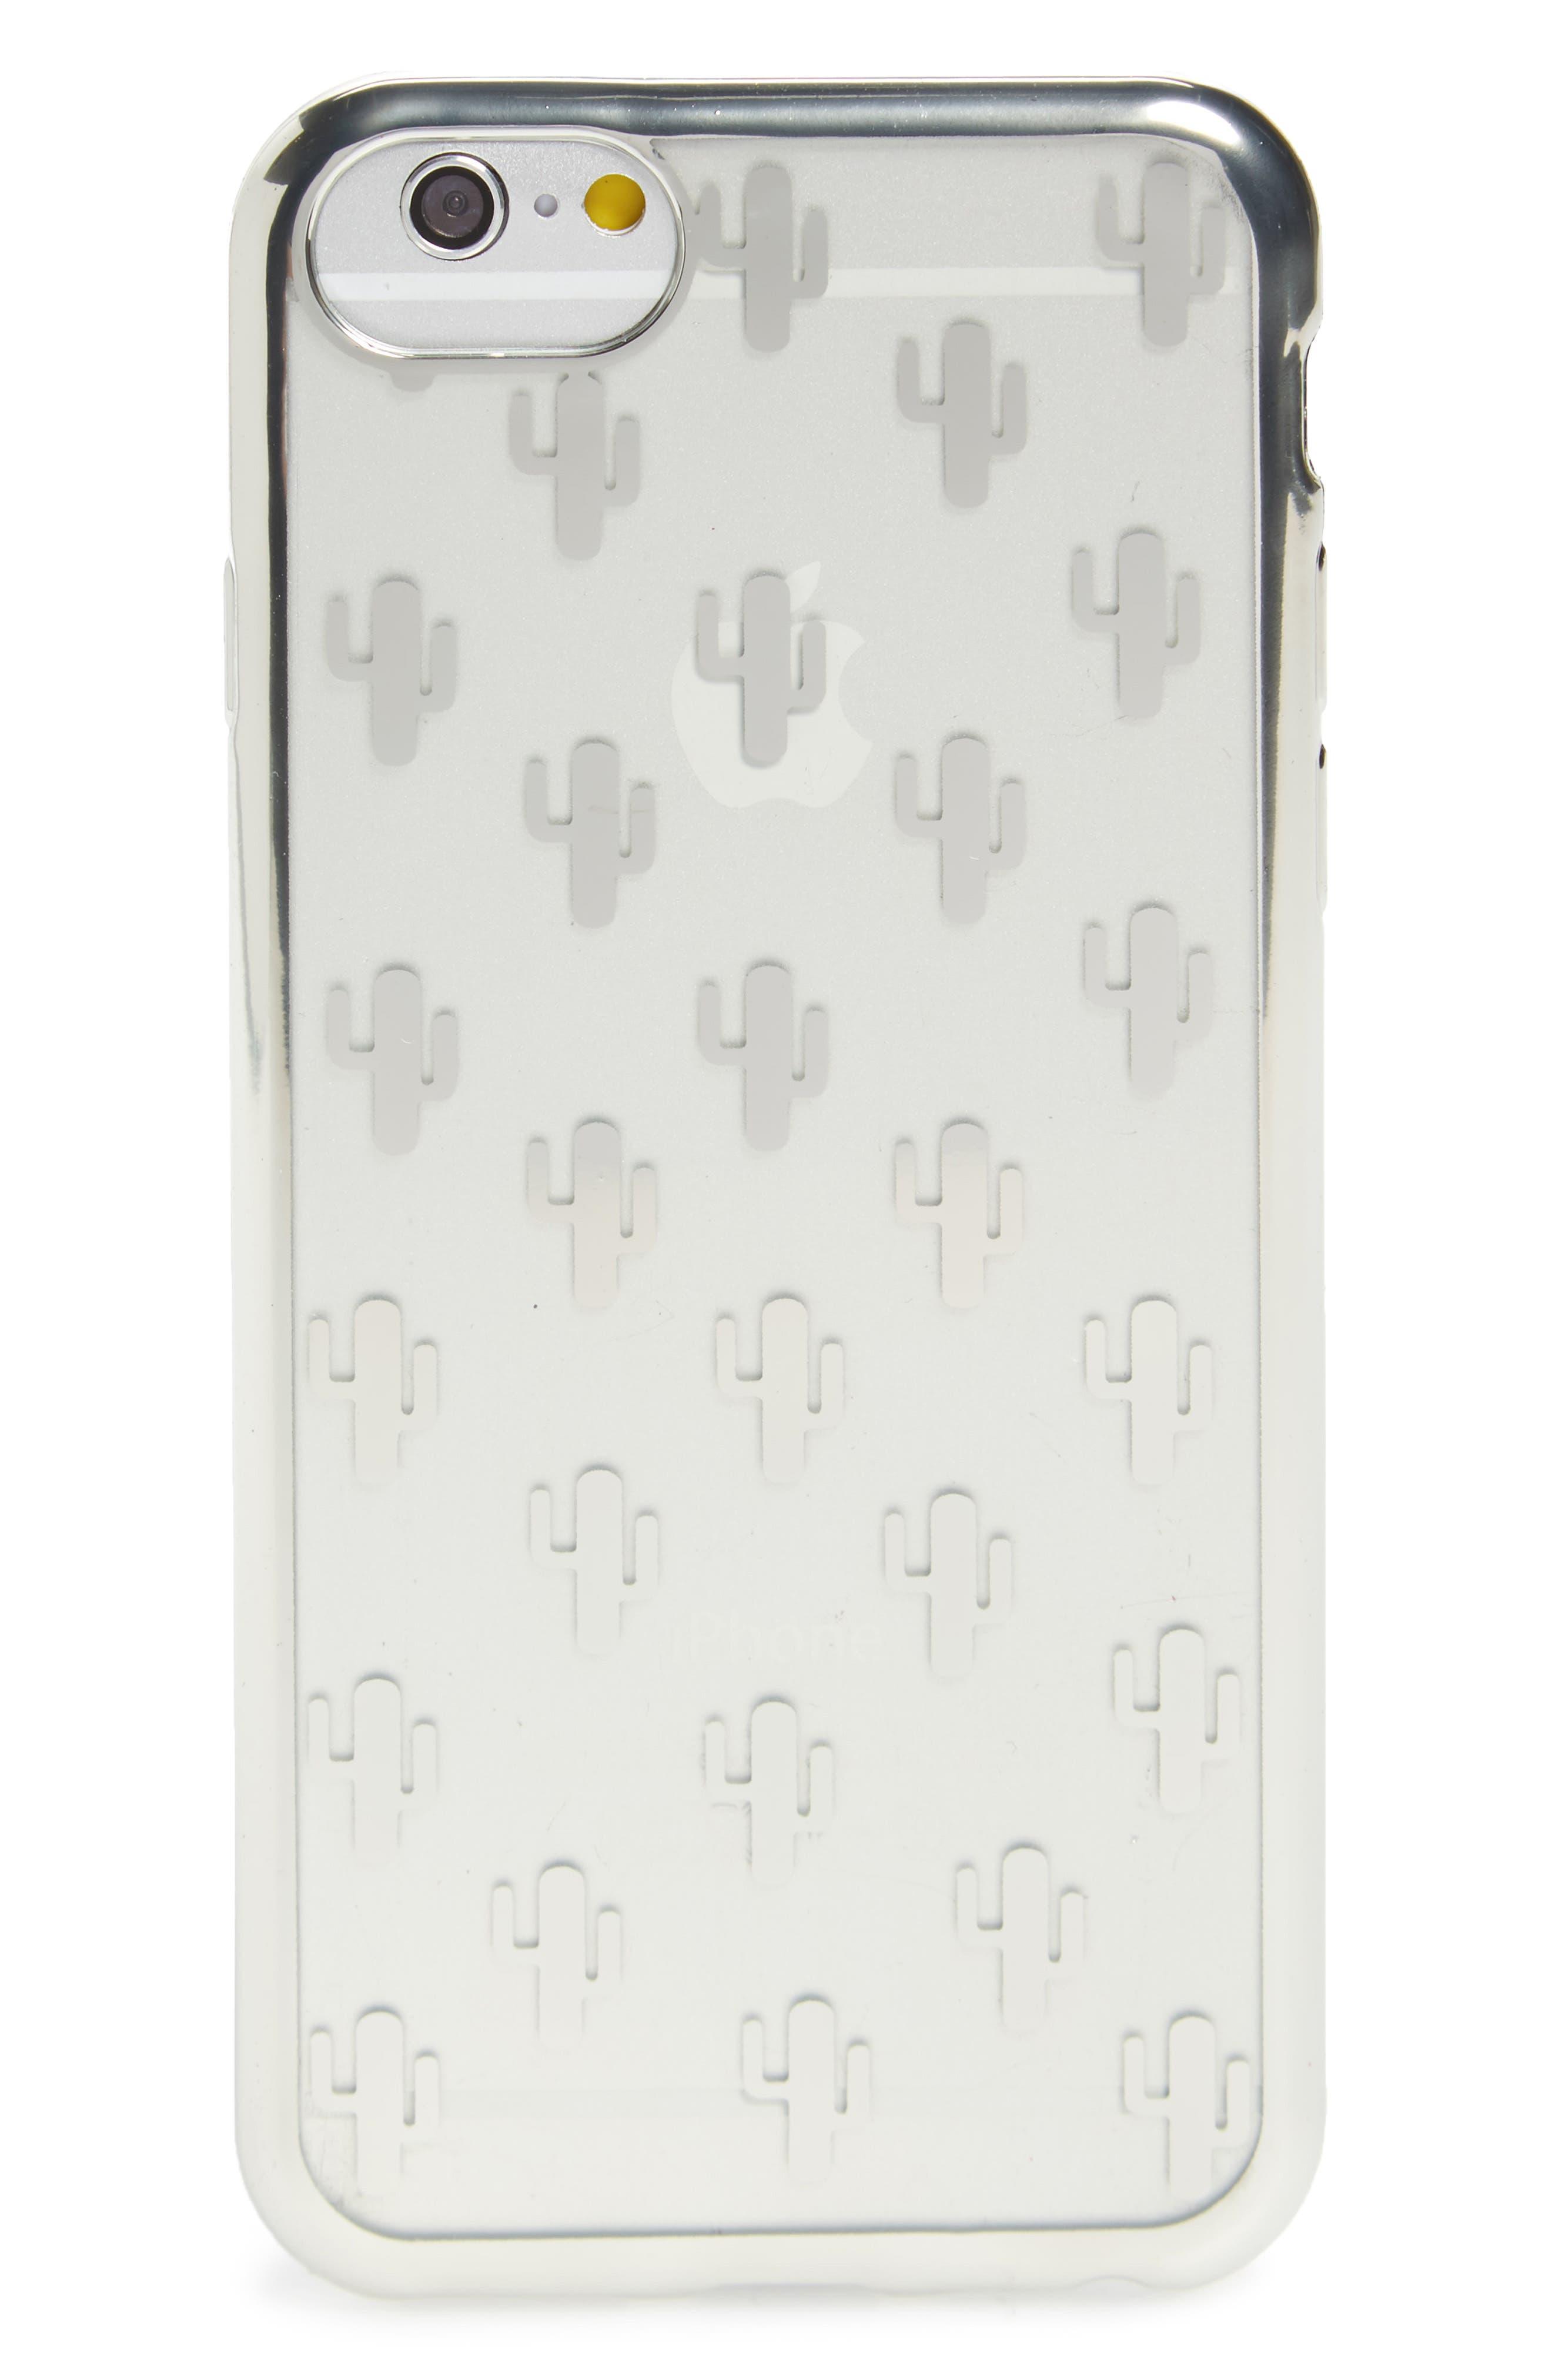 Main Image - OK originals Transparent Cactus iPhone 6/6s/7 Case